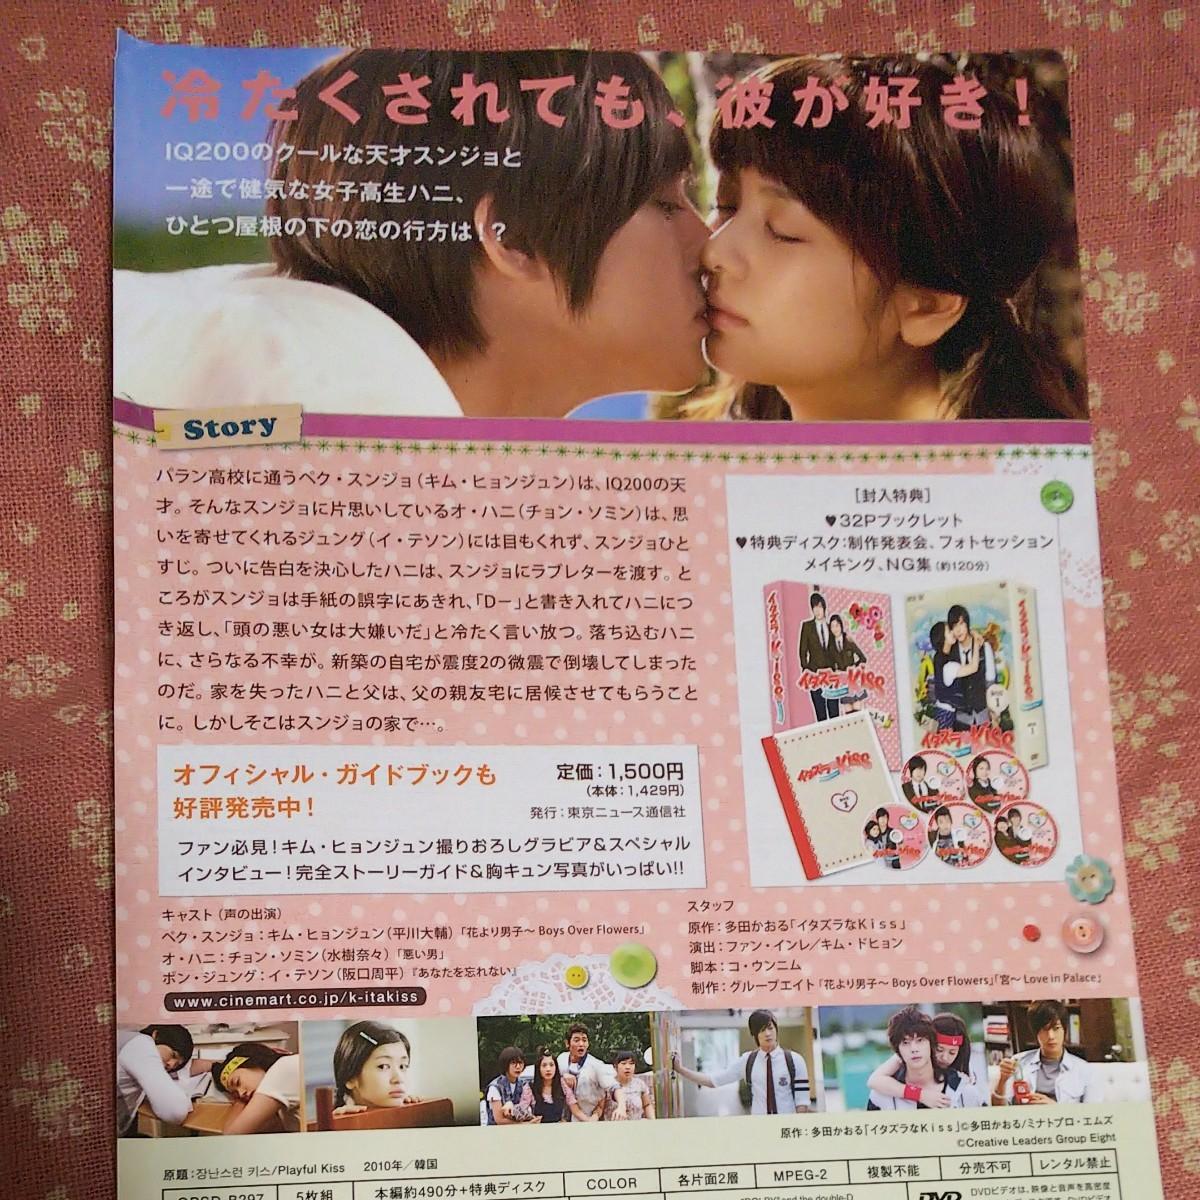 韓国ドラマ、イタズラなKiss Playful Kiss  DVD-BOX1 キム・ヒョンジュン